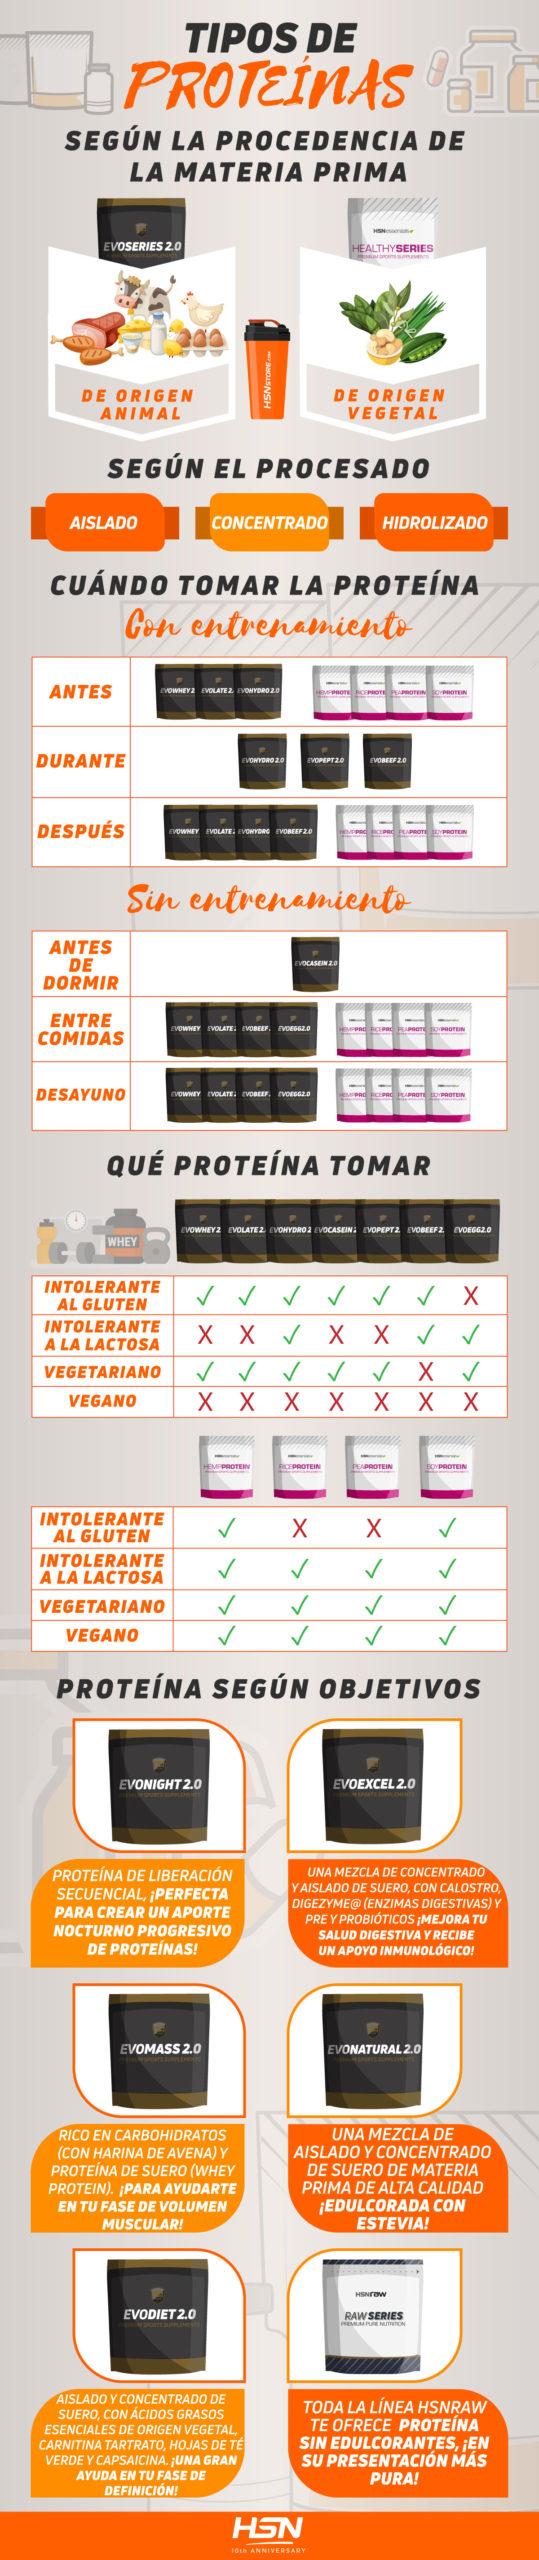 Infografía Tipos de Proteínas